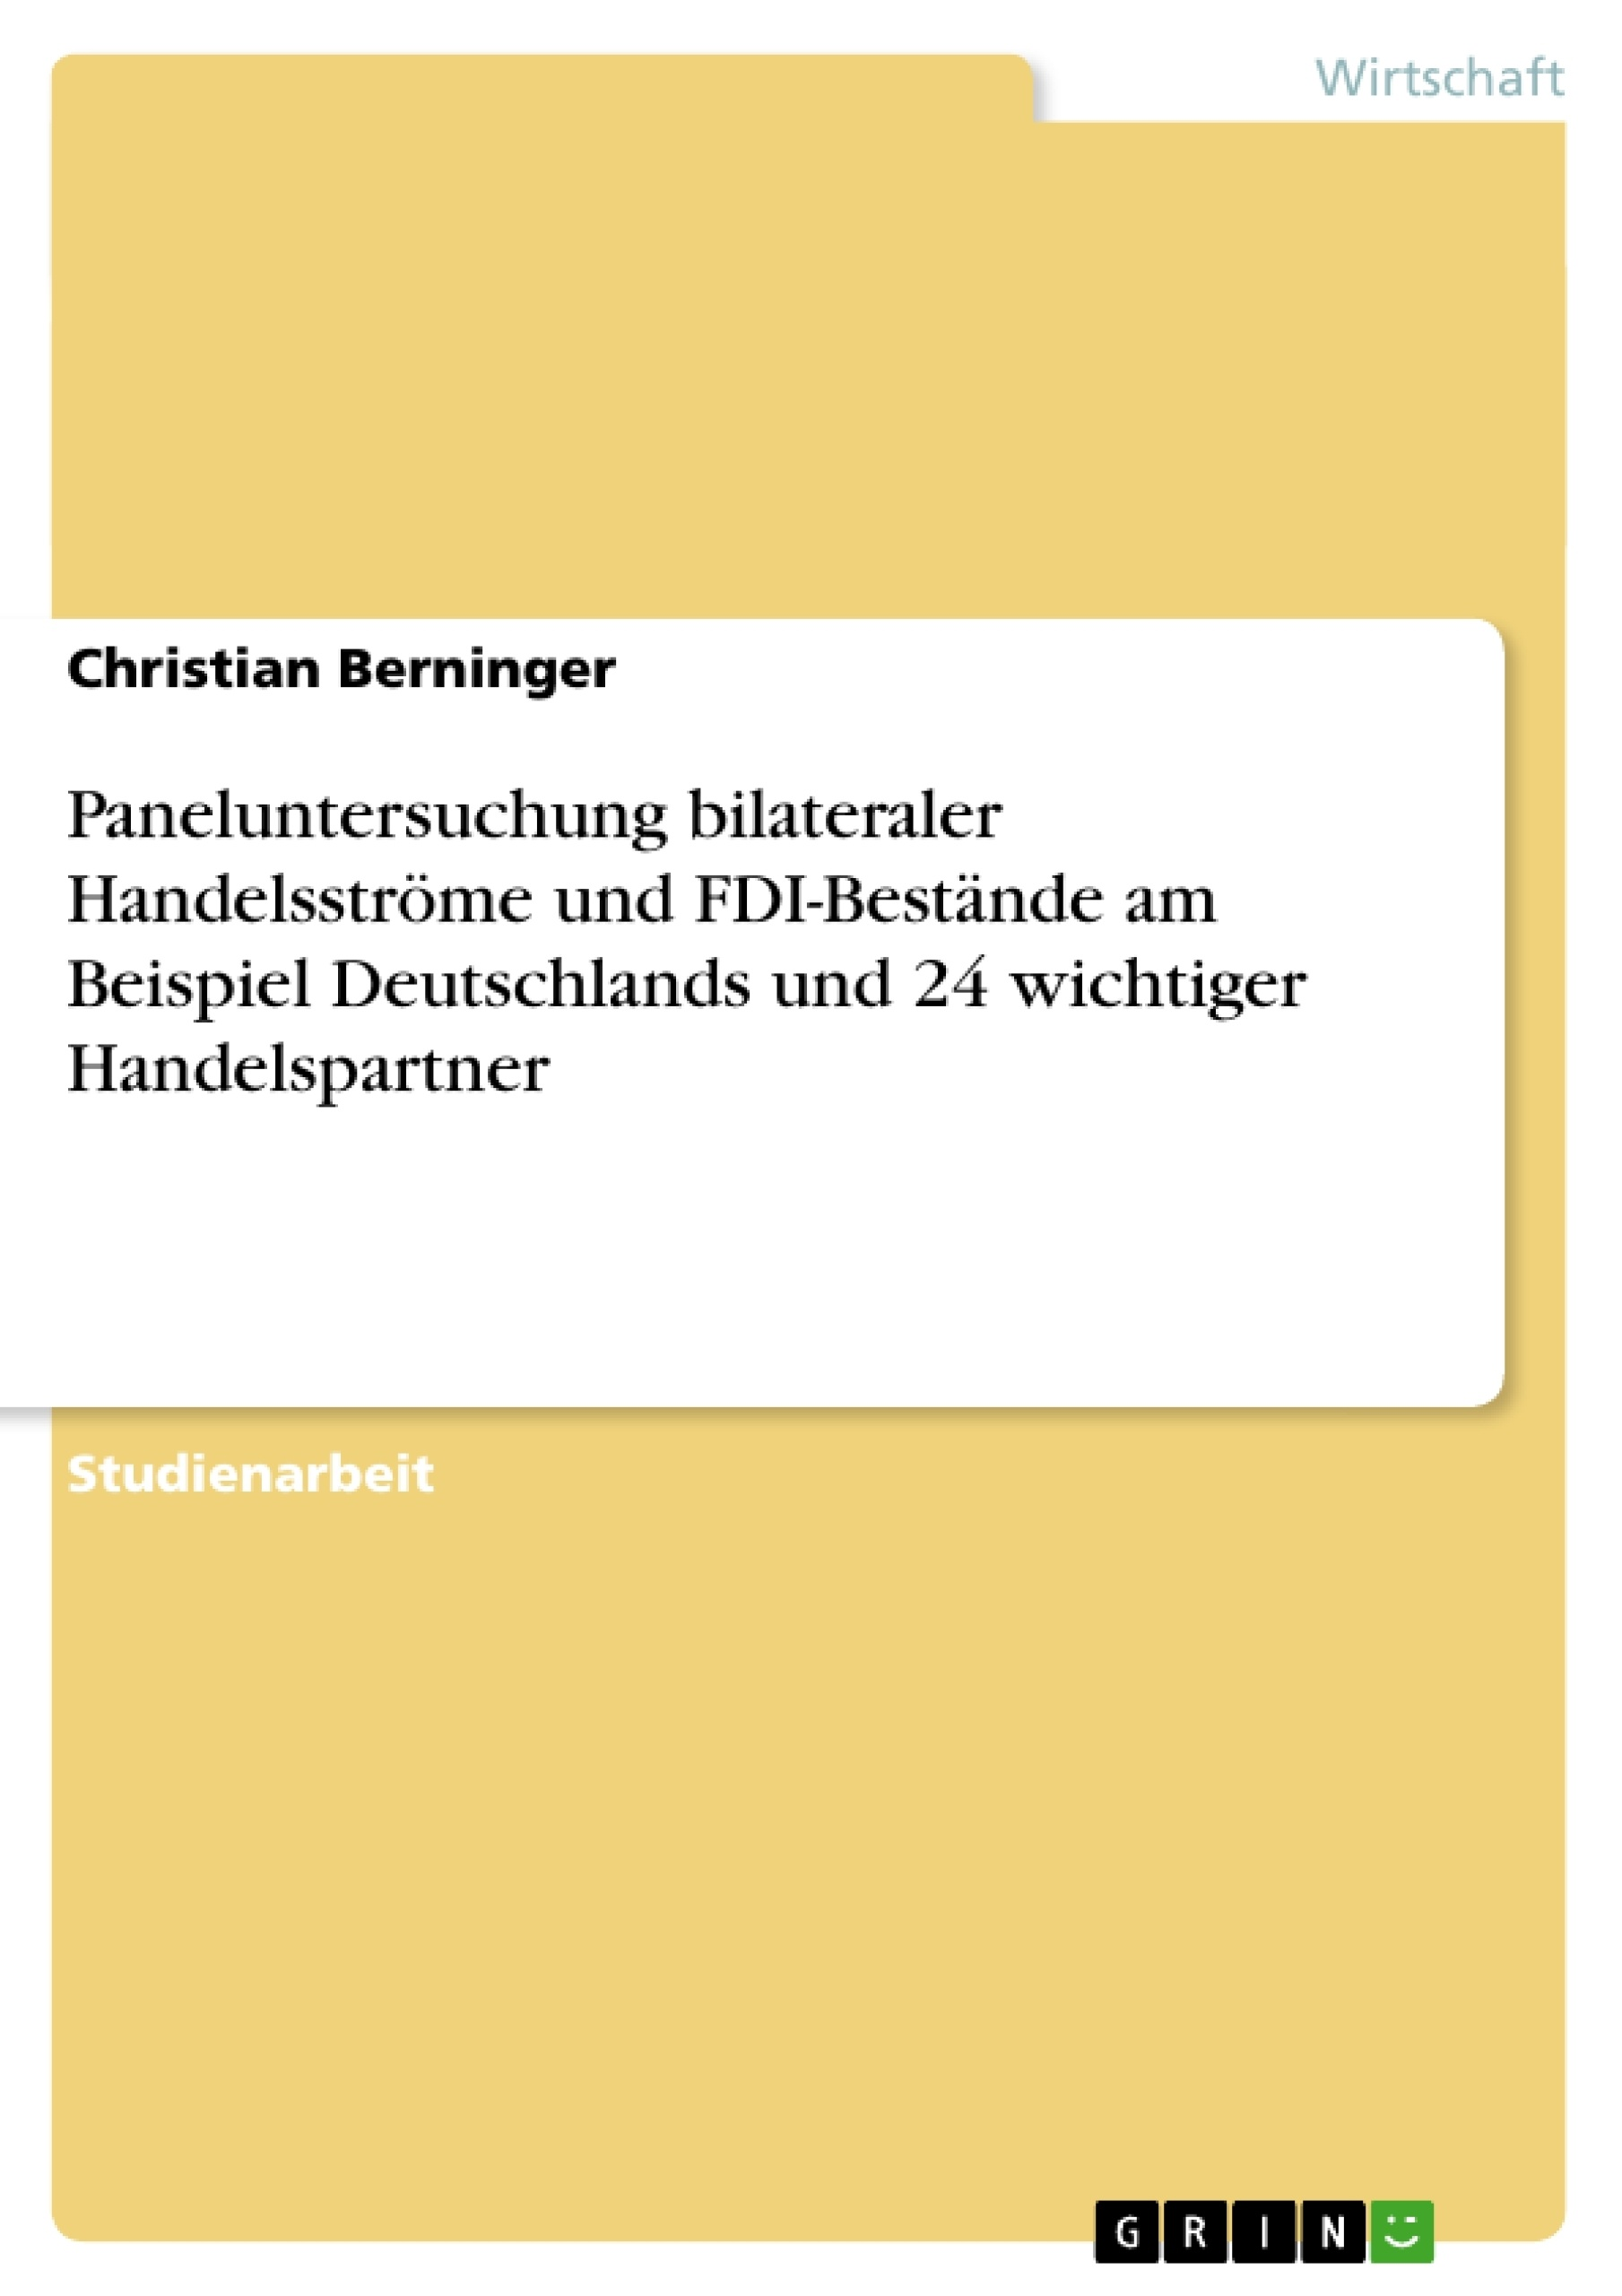 Titel: Paneluntersuchung bilateraler Handelsströme und FDI-Bestände am Beispiel Deutschlands und 24 wichtiger Handelspartner